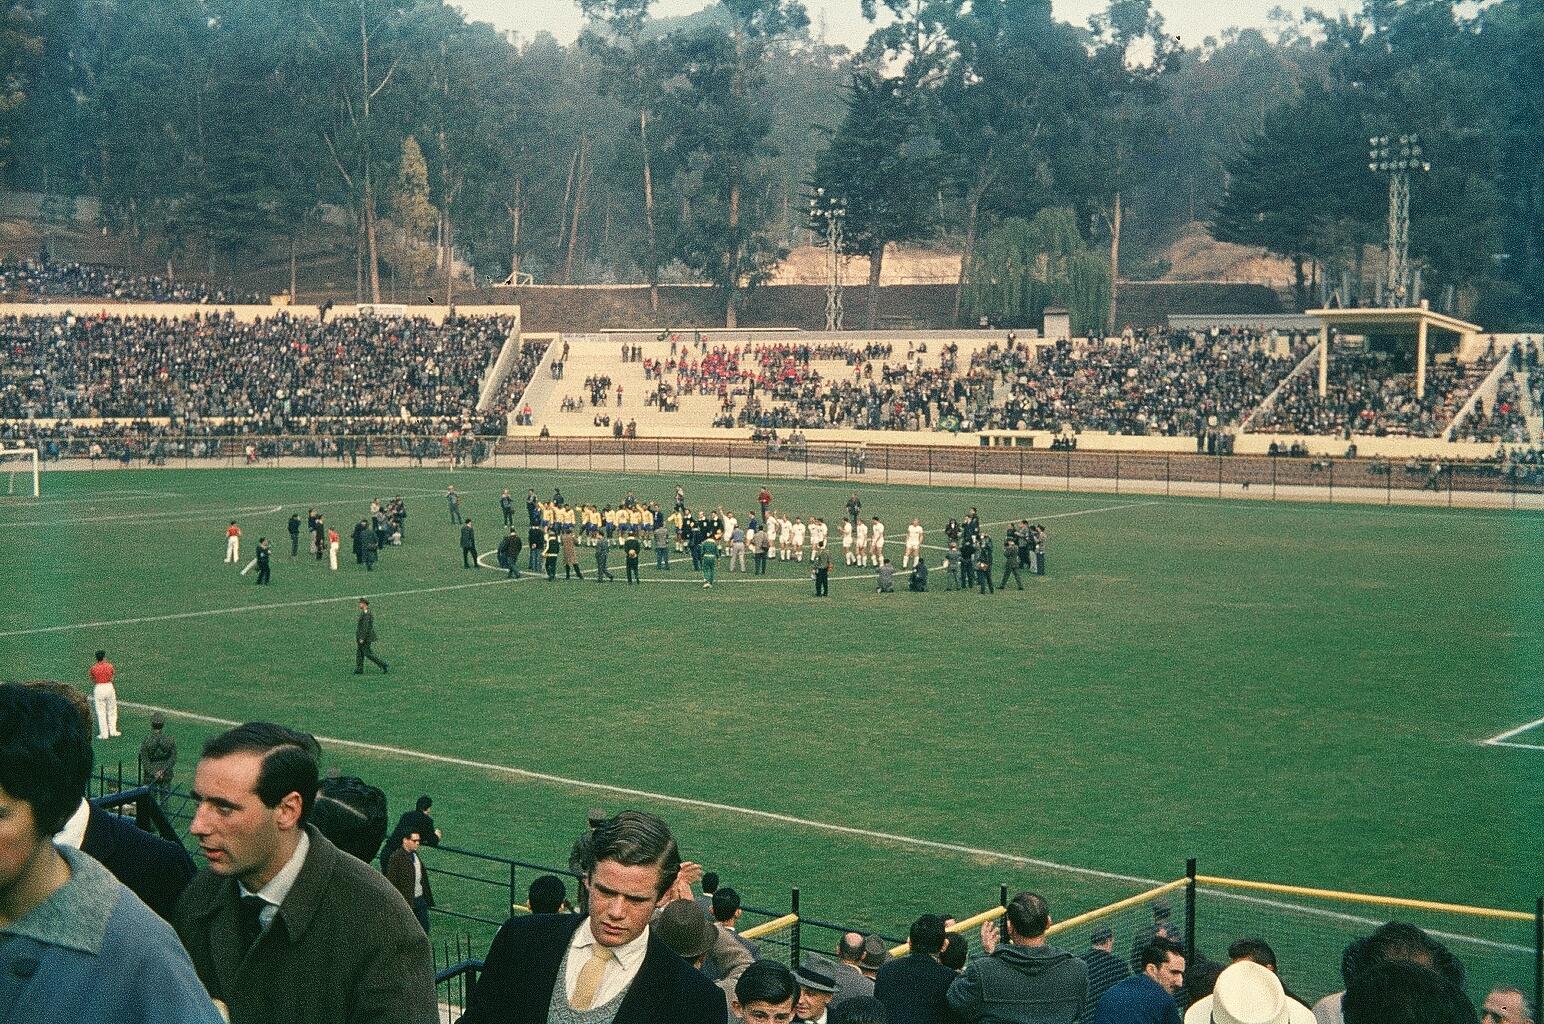 Enterreno - Fotos históricas de chile - fotos antiguas de Chile - Estadio Sausalito, 1962